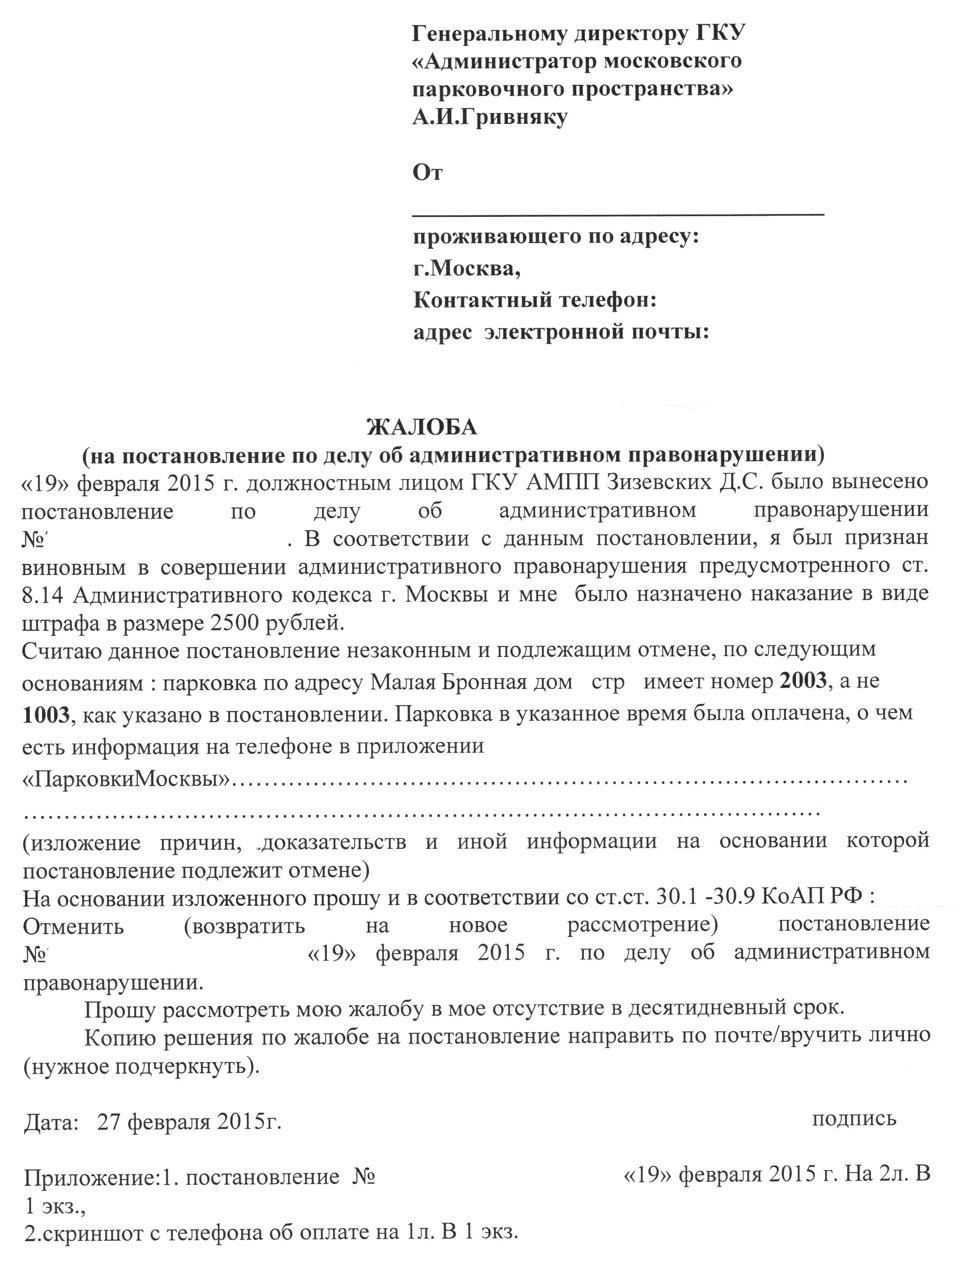 Гку ампп бухгалтерия телефон образец заявление в налоговую о регистрации ооо